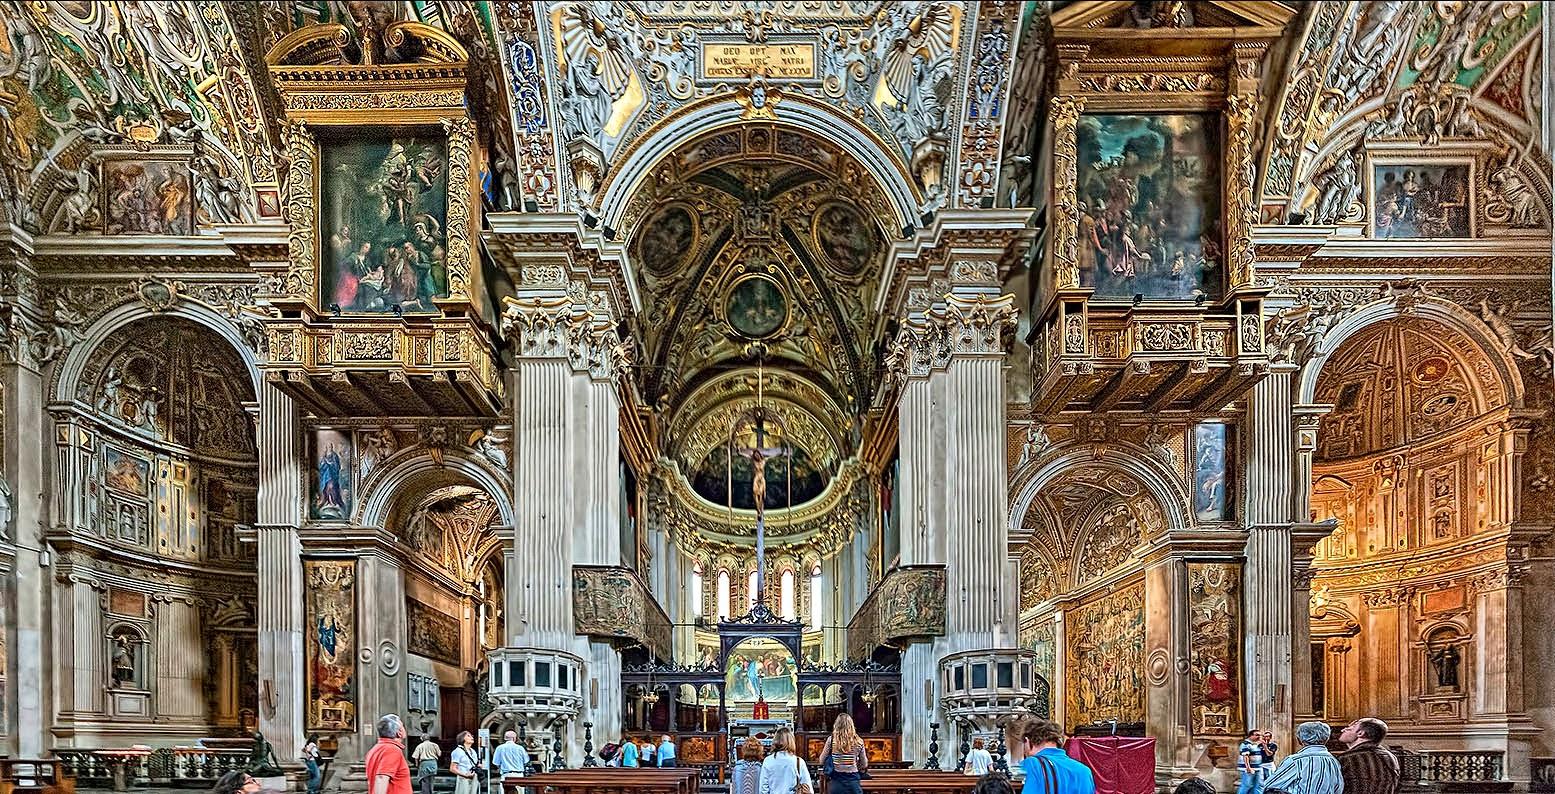 interno_basilica_santa_maria_maggiore.jpg